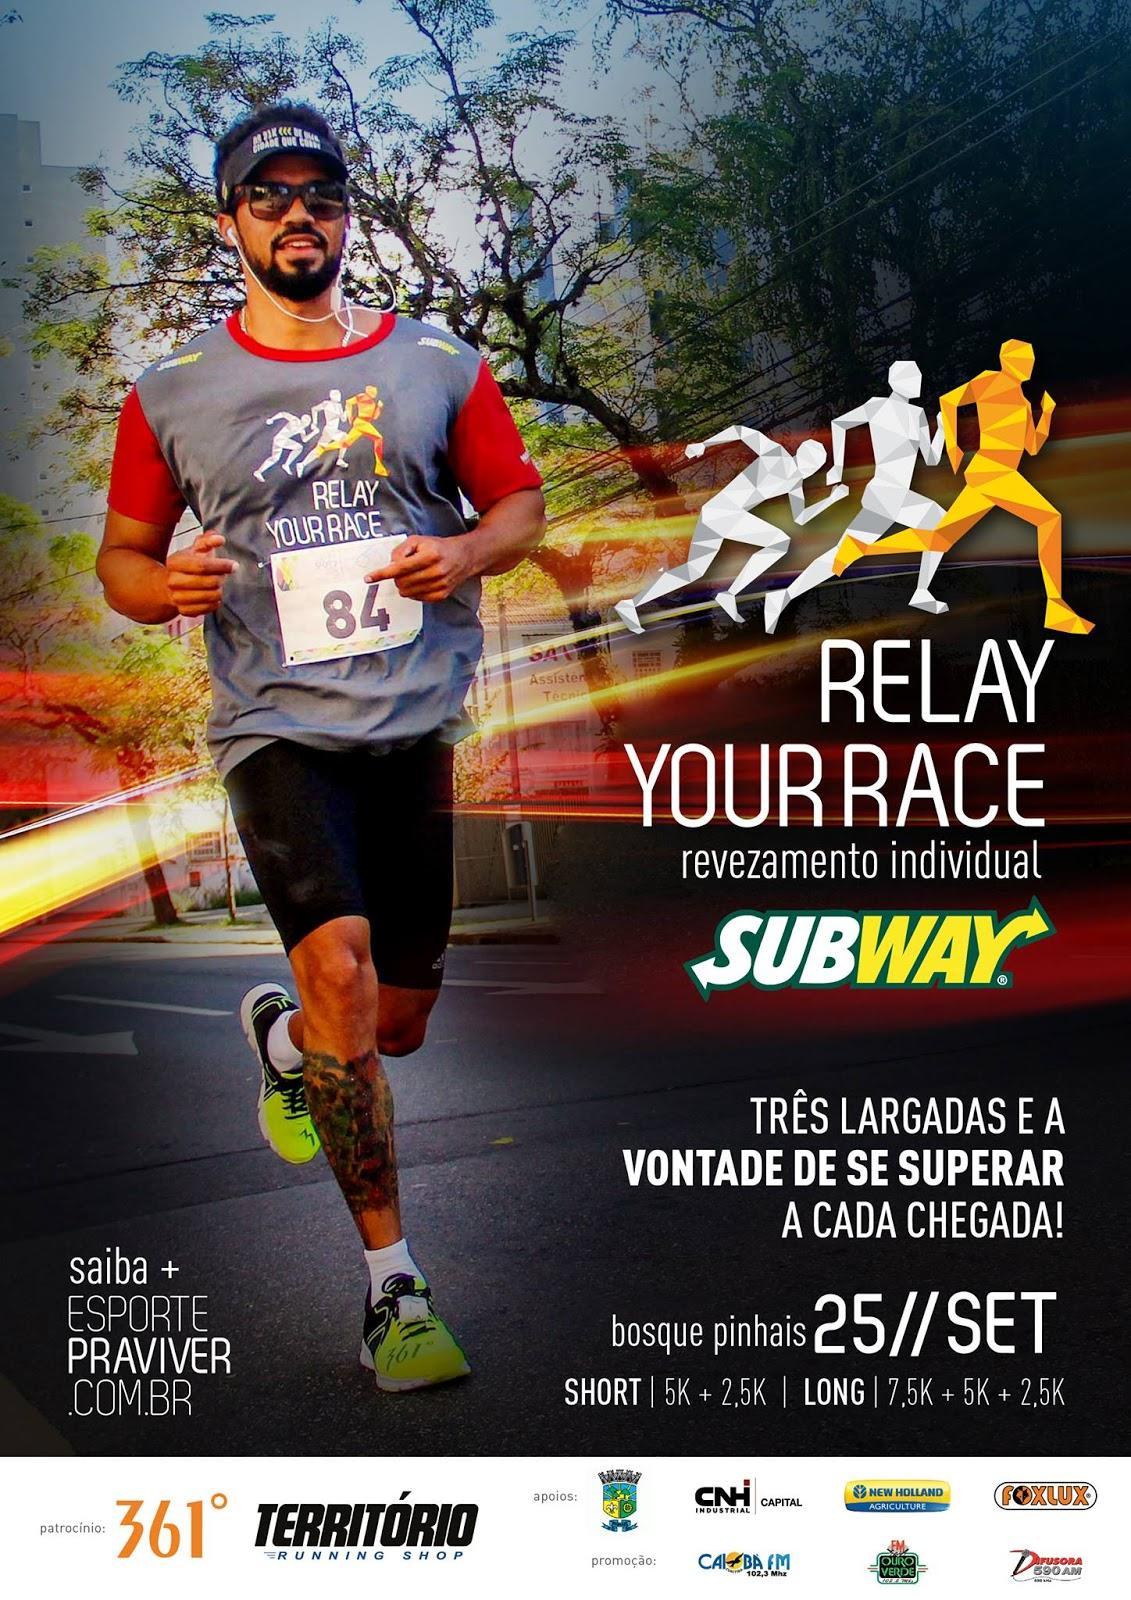 57a62c67b RELAY YOUR RACE SUBWAY® - 2016 - 2ª EDIÇÃO